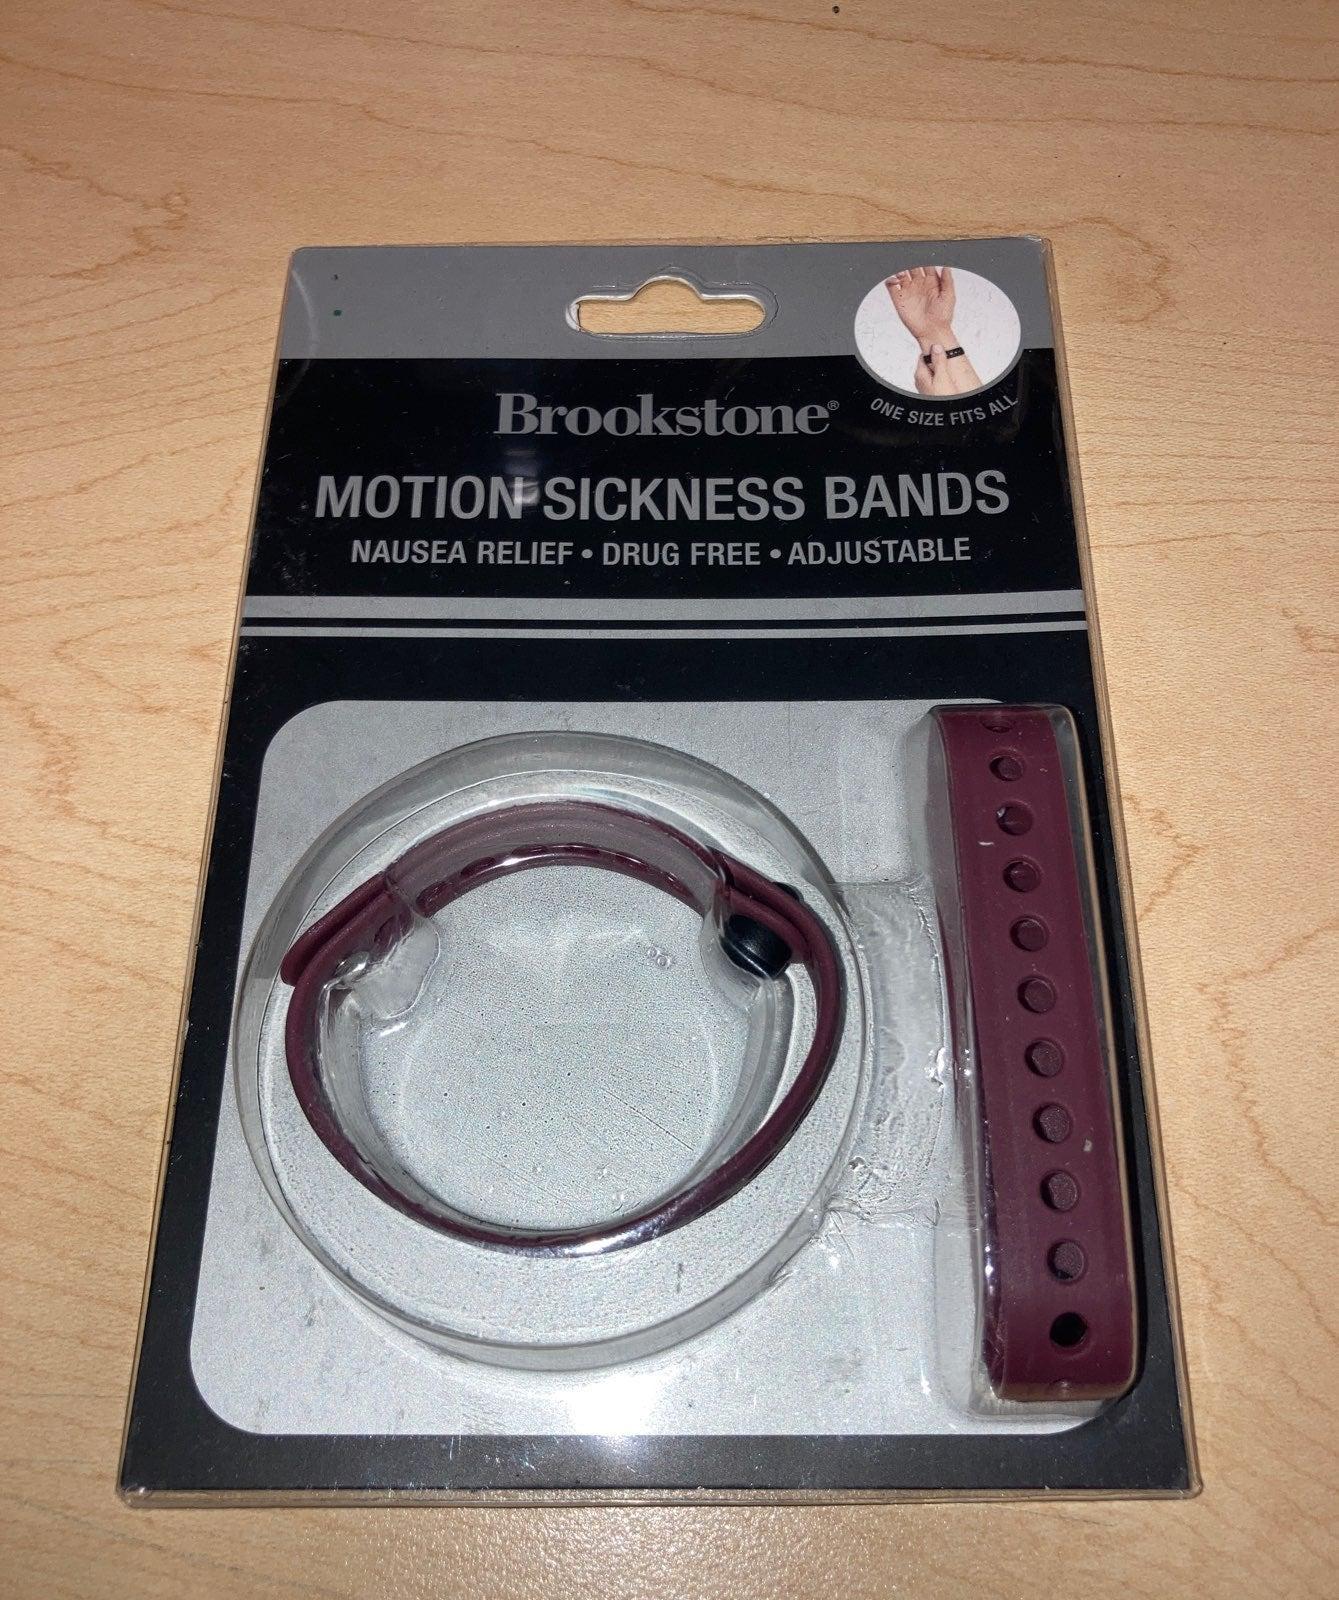 Brookstone Motion Sickness Bands